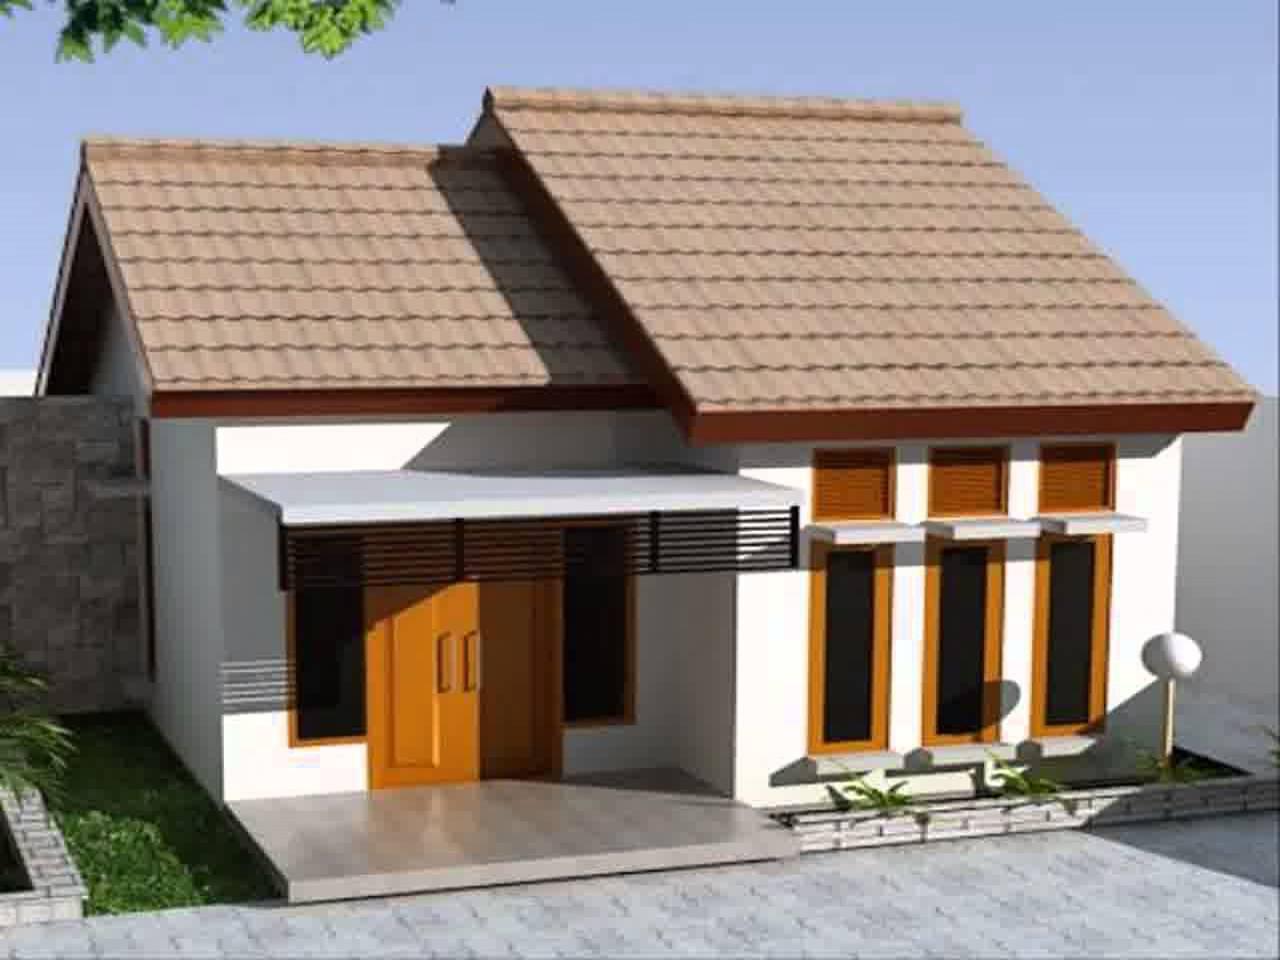 Terbaik 21 Gambar Rumah Minimalis Ukuran 7x12 83 Renovasi Perencana Dekorasi Rumah oleh 21 Gambar Rumah Minimalis Ukuran 7x12